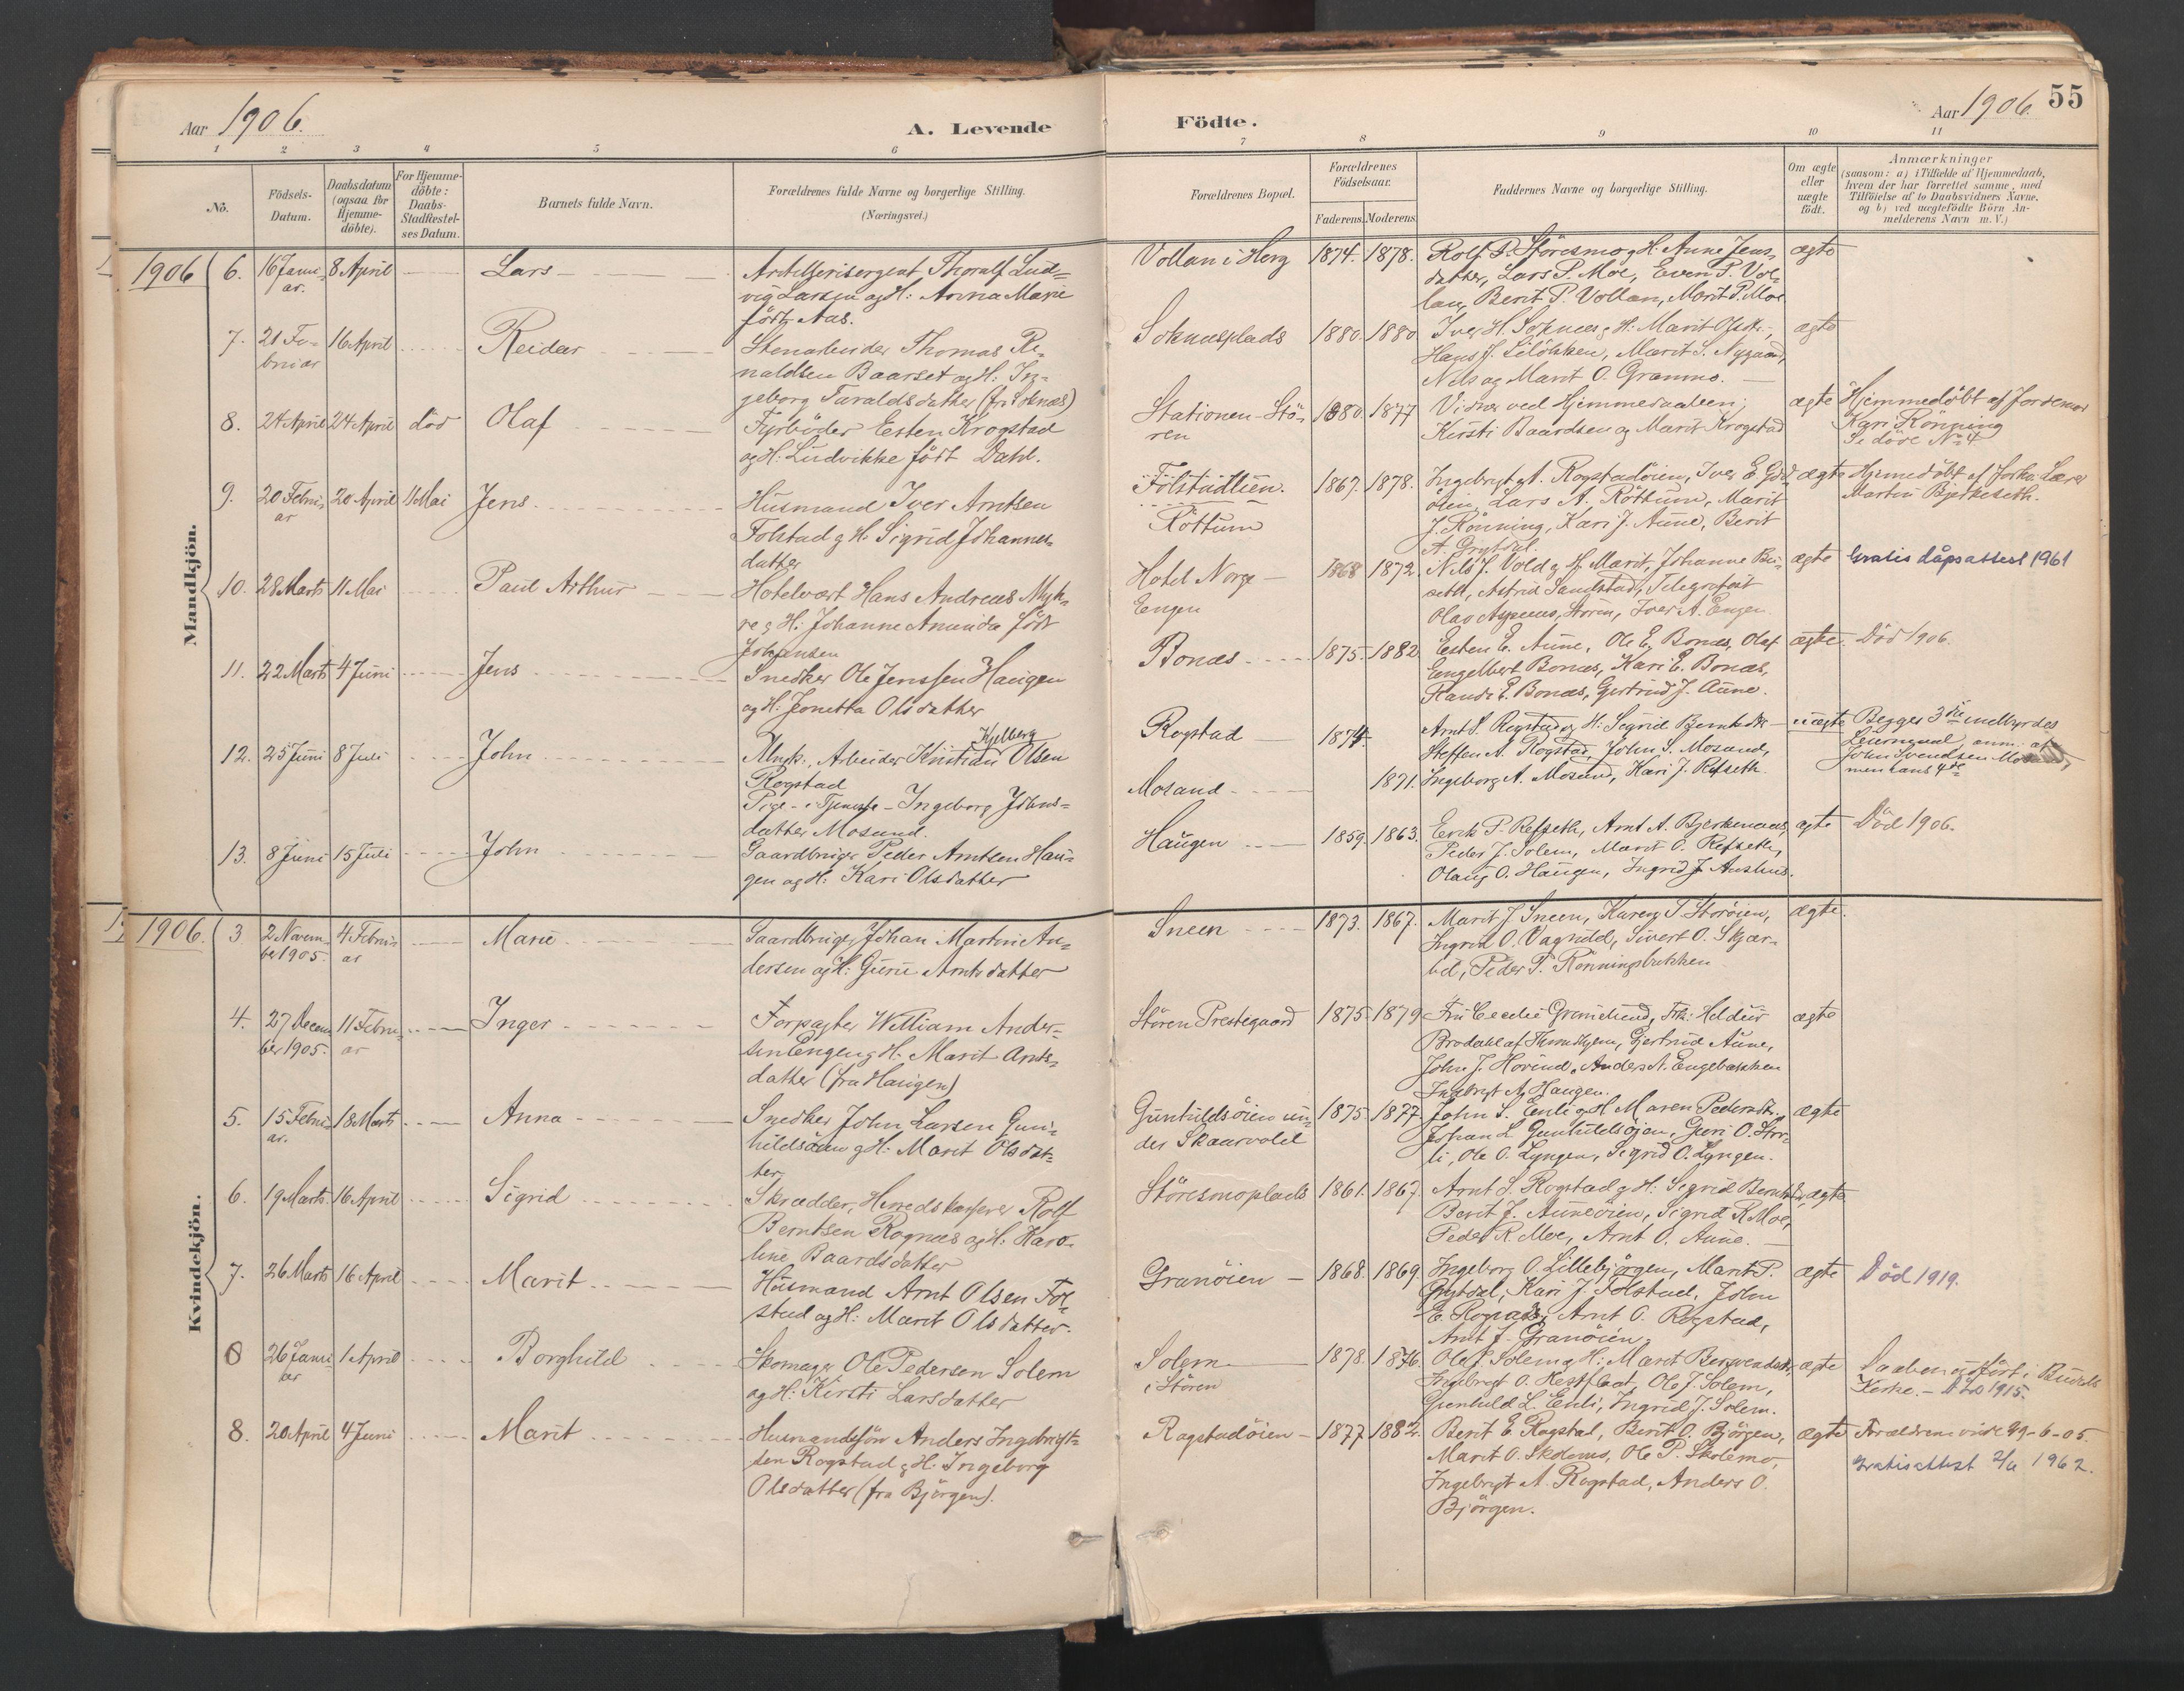 SAT, Ministerialprotokoller, klokkerbøker og fødselsregistre - Sør-Trøndelag, 687/L1004: Ministerialbok nr. 687A10, 1891-1923, s. 55